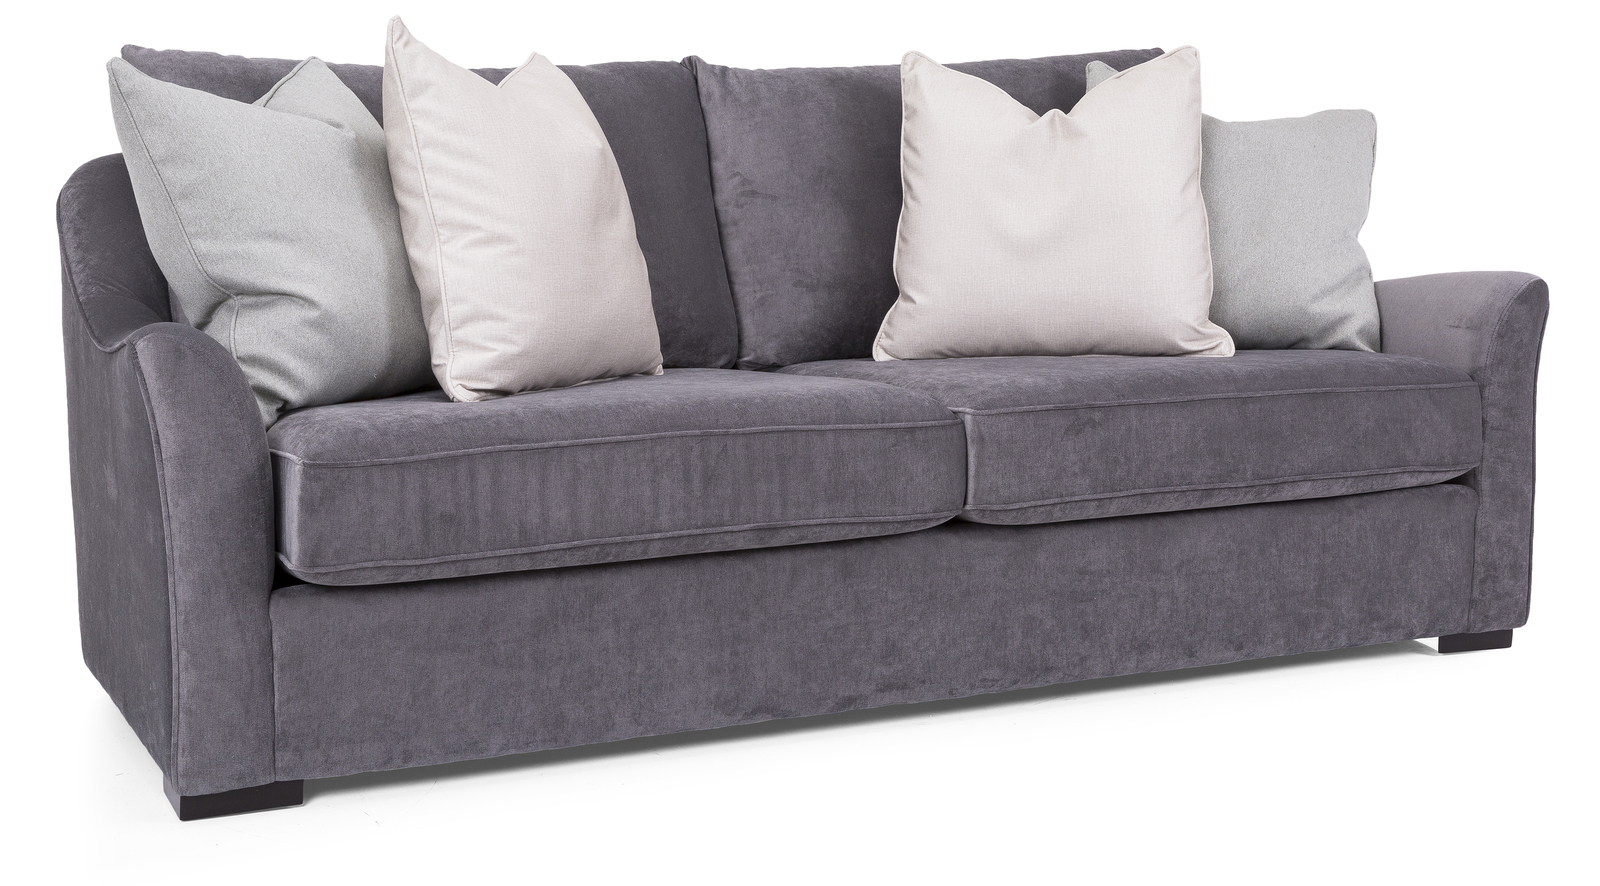 7112 Sofa Suite Decor Rest Furniture Ltd